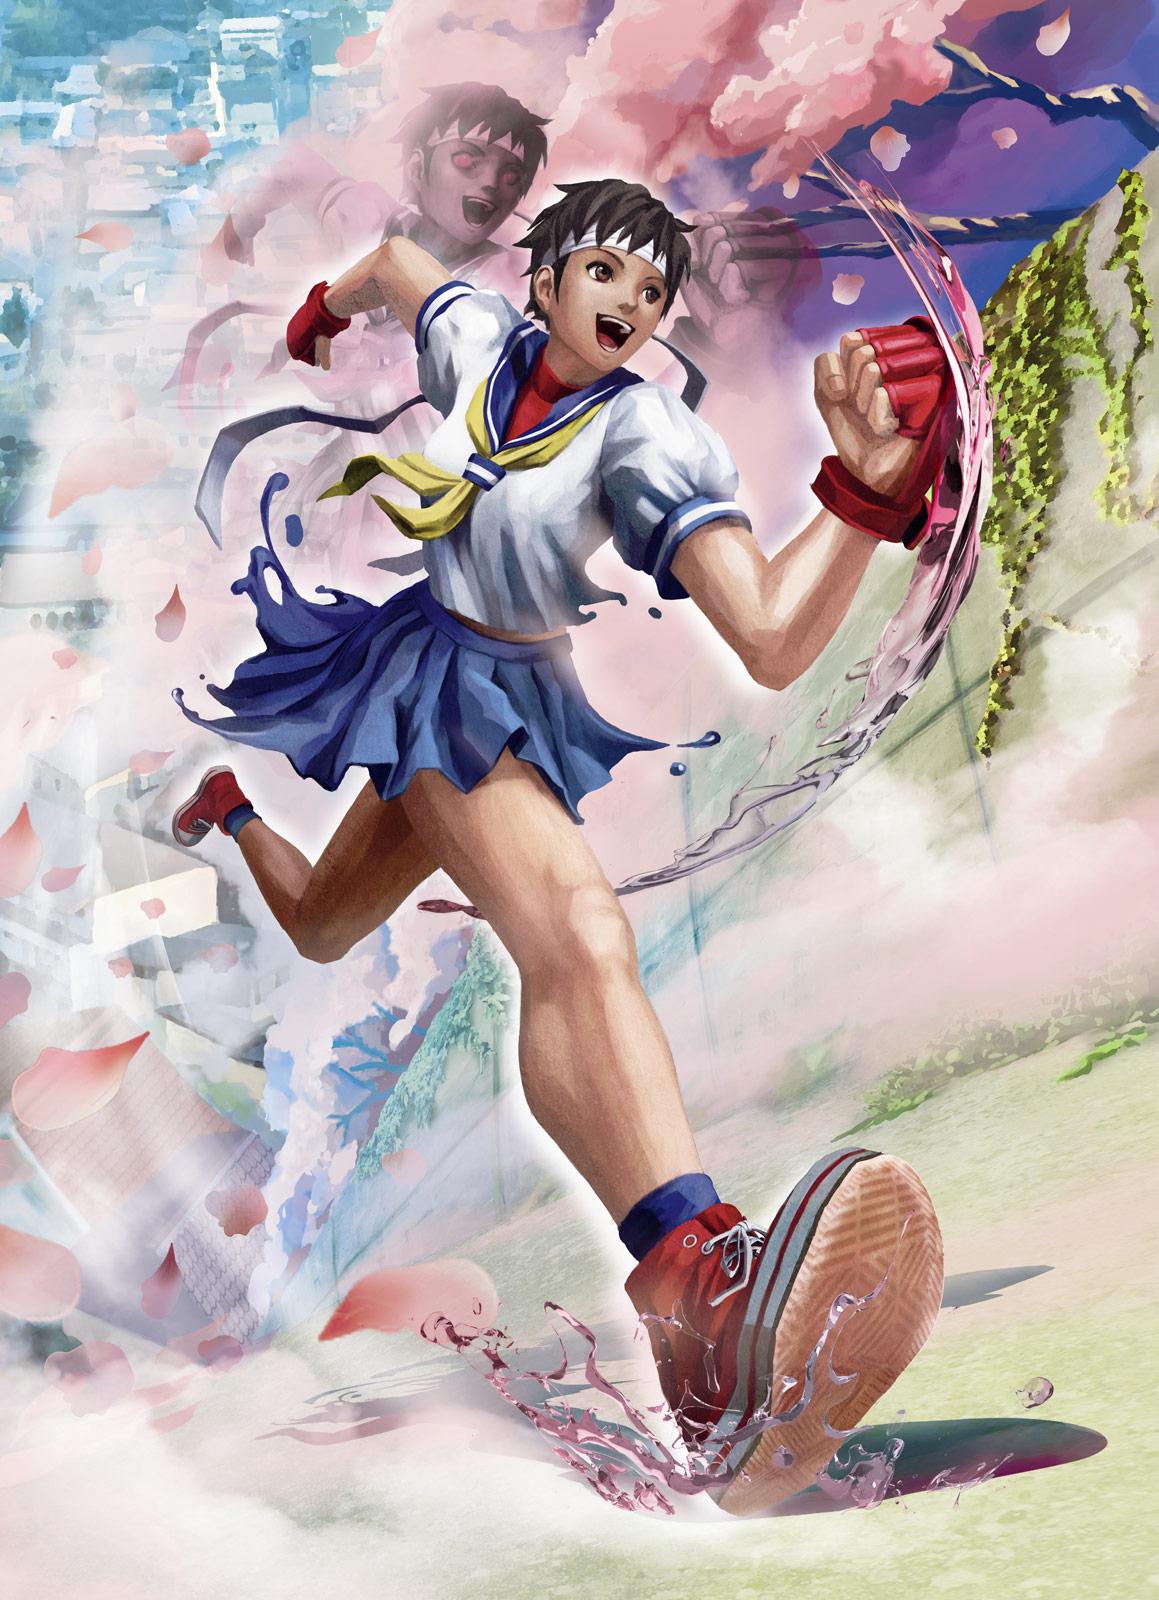 Street fighter sakura